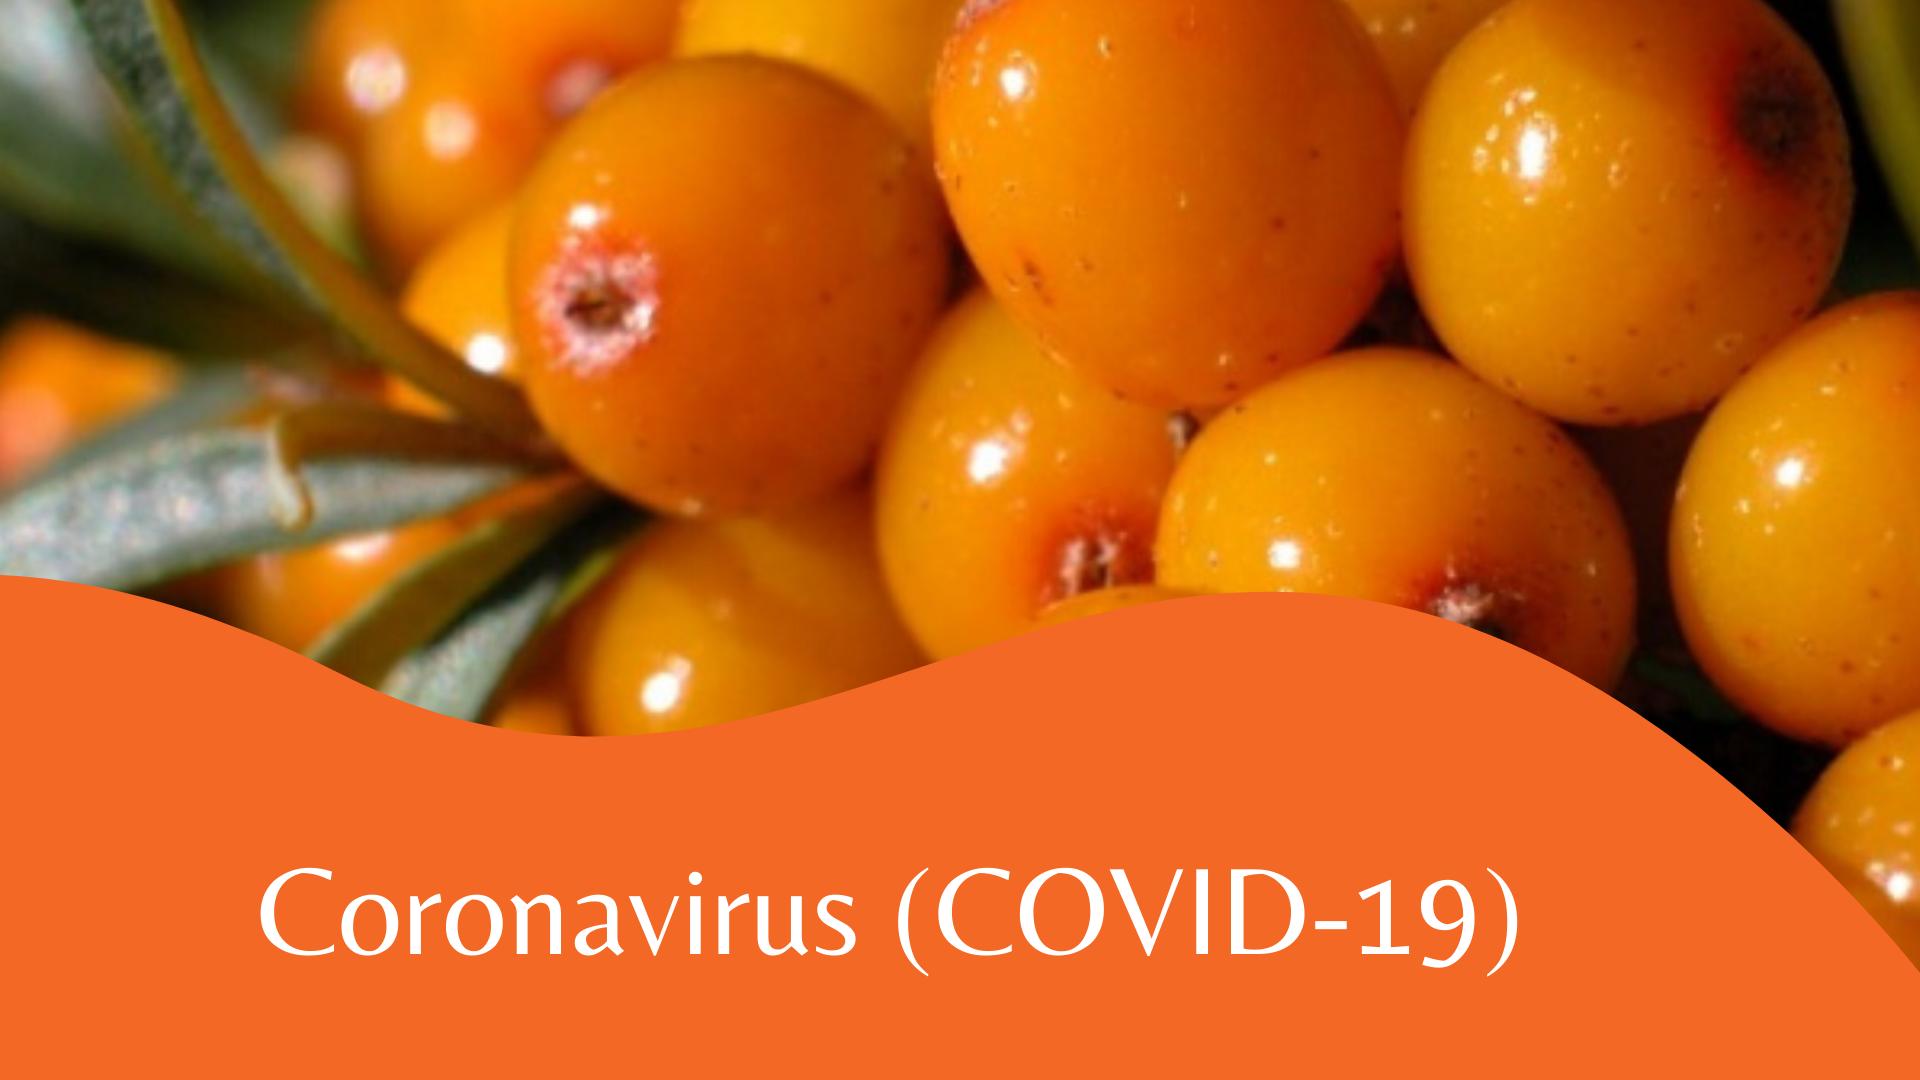 БНСУ-ын эрдэмтэд чацарганаас Coronavirus (COVID-19)-ийг дарангуйлдаг бодис илрүүлжээ